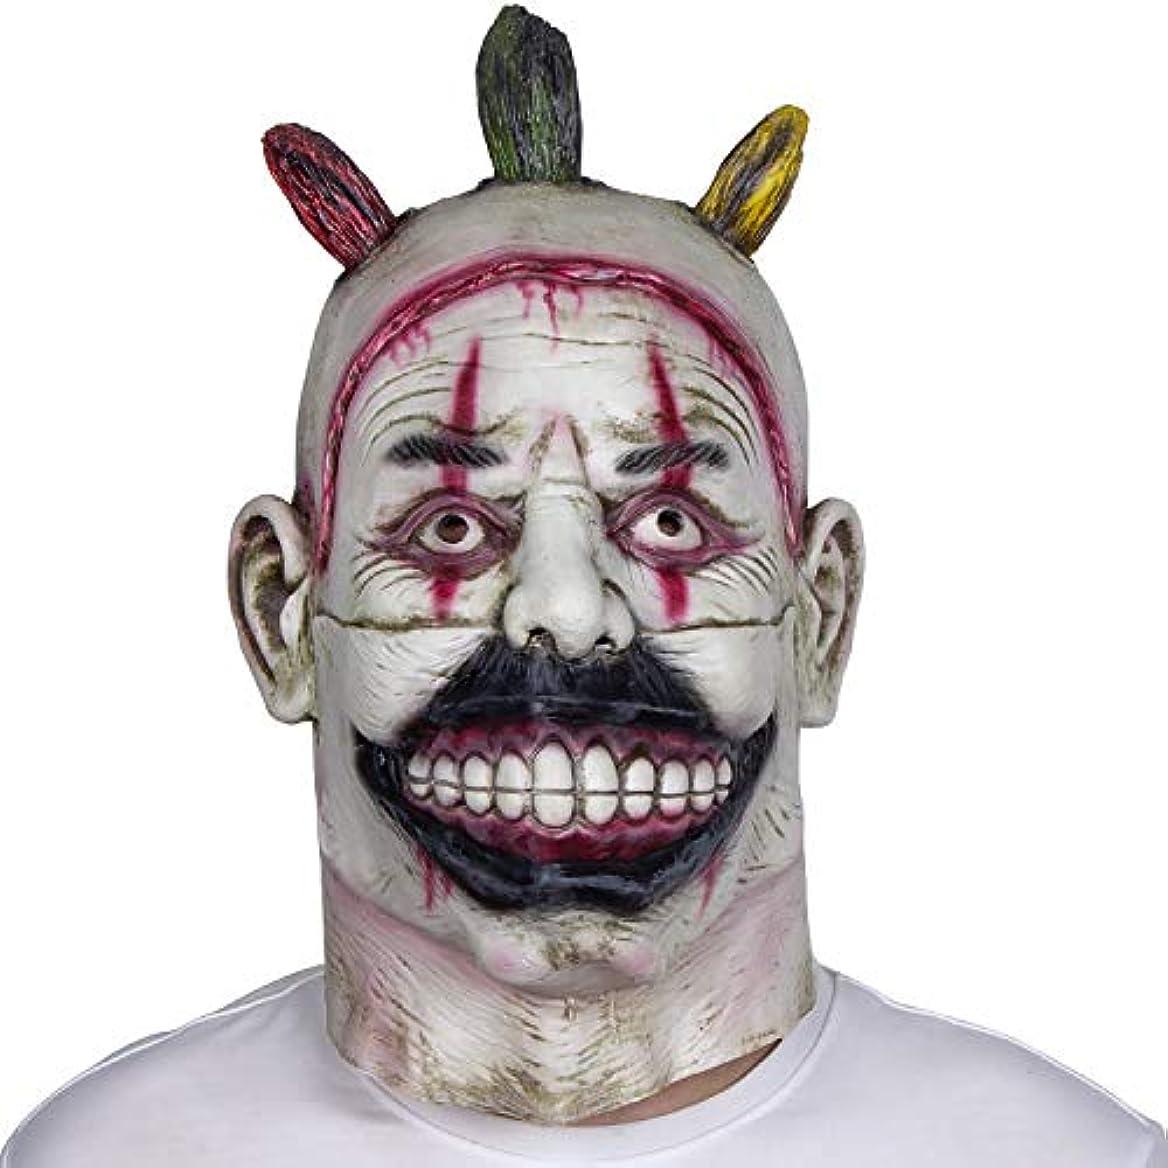 艶腹保証するゴーストマスクコスハロウィーンラテックス帽子怖いピエロマスク